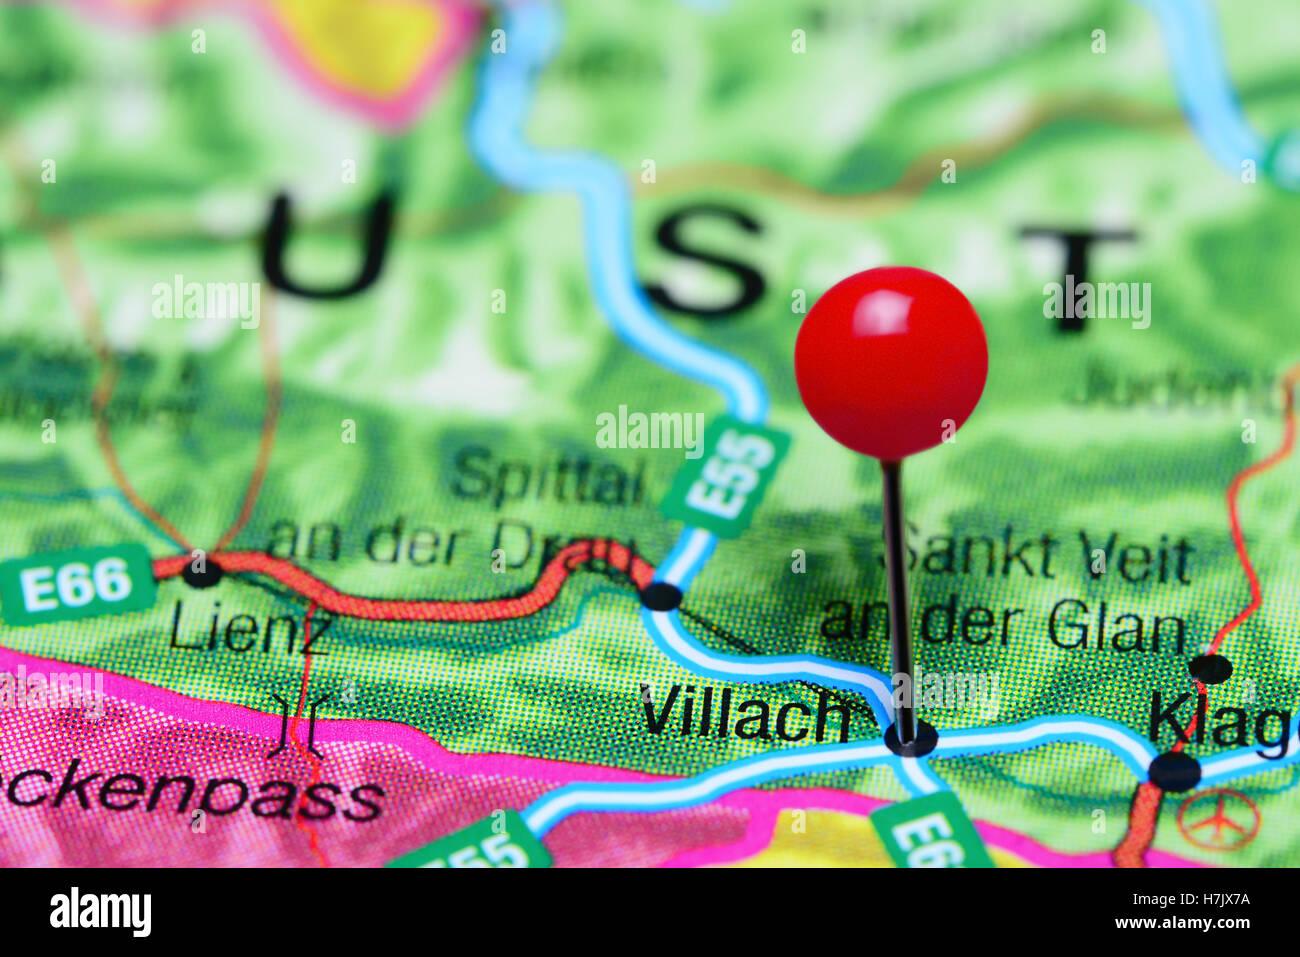 Villach Stock Photos Villach Stock Images Alamy